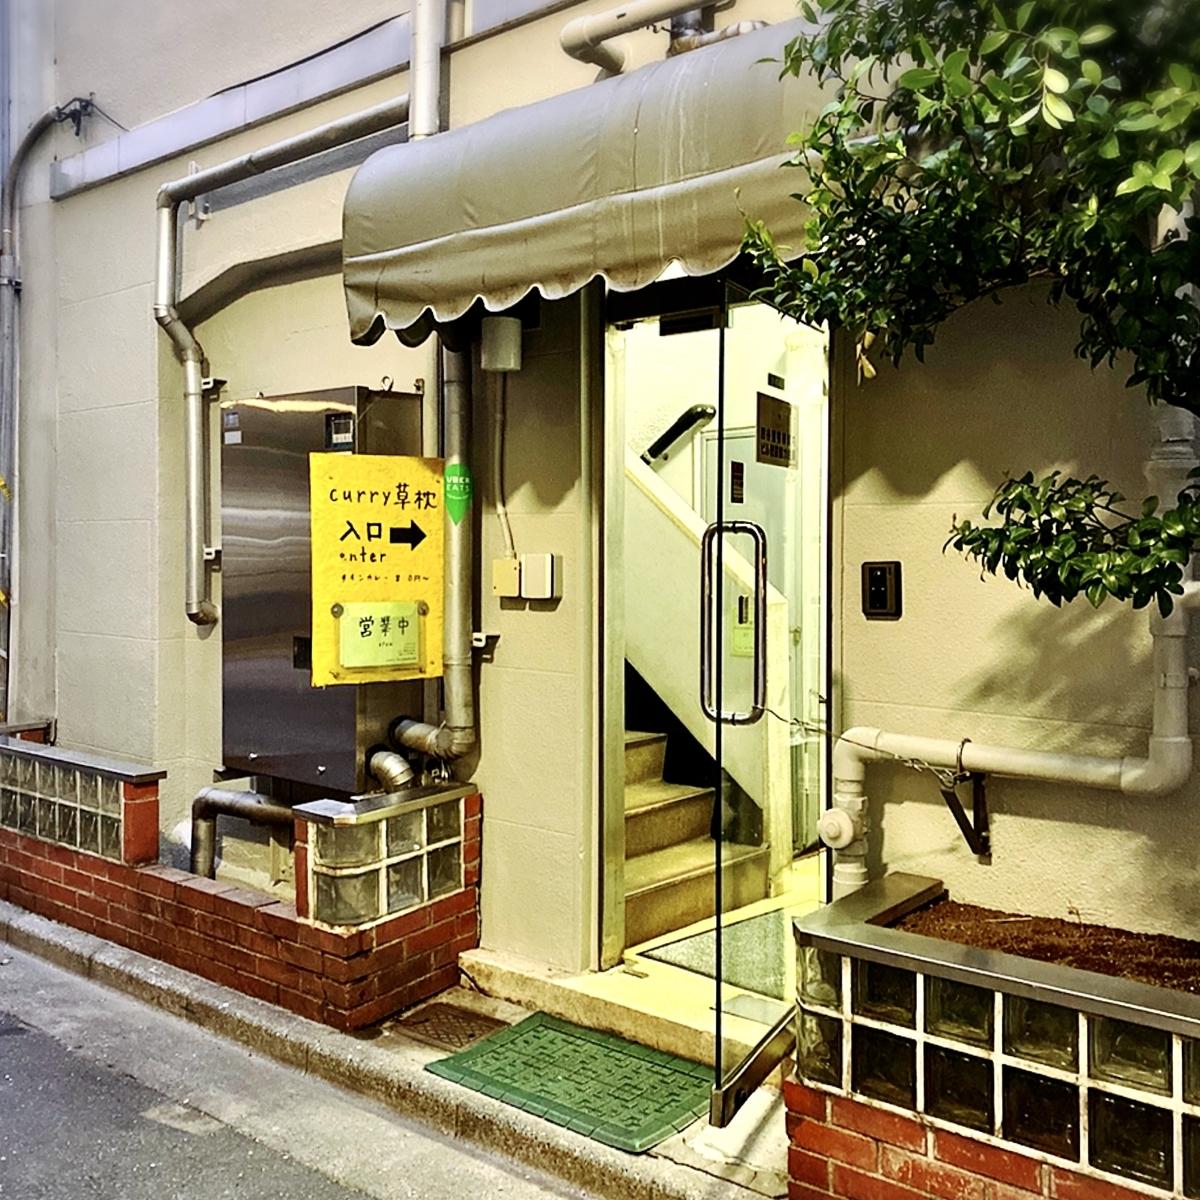 「curry 草枕」はデートから宴会まで多岐に渡って利用できる素敵イタリアン